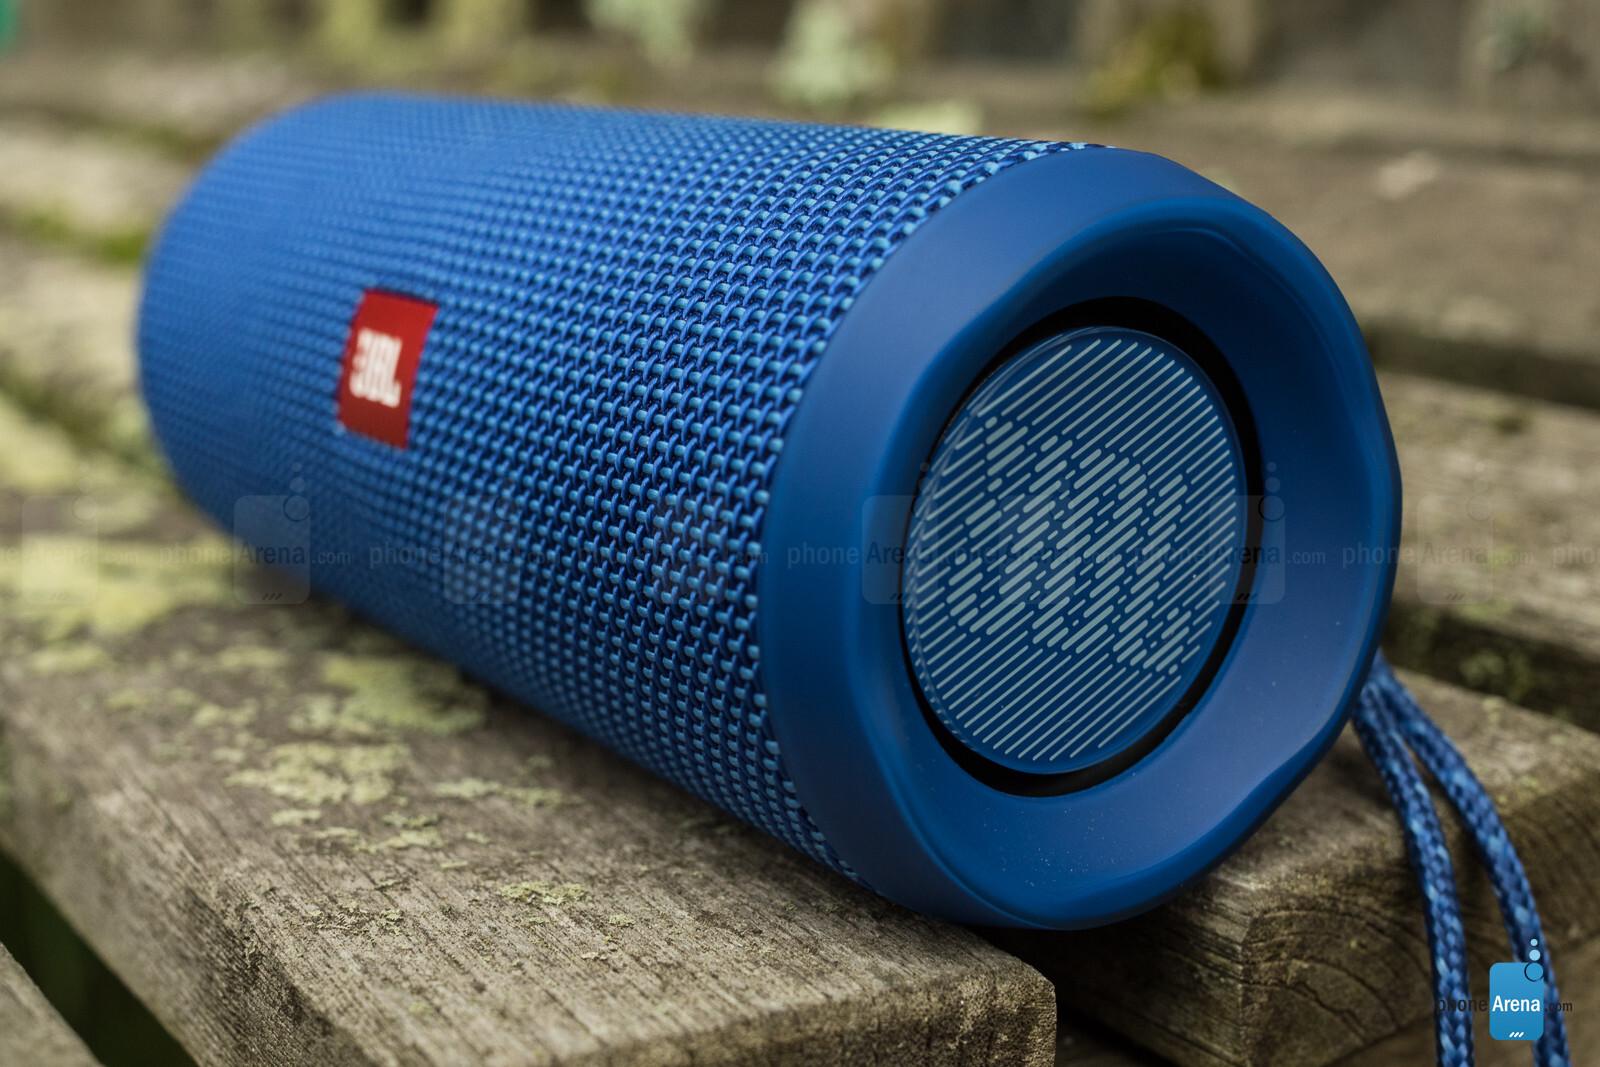 jbl bluetooth speakers blue. jbl flip 4 bluetooth speaker review jbl speakers blue